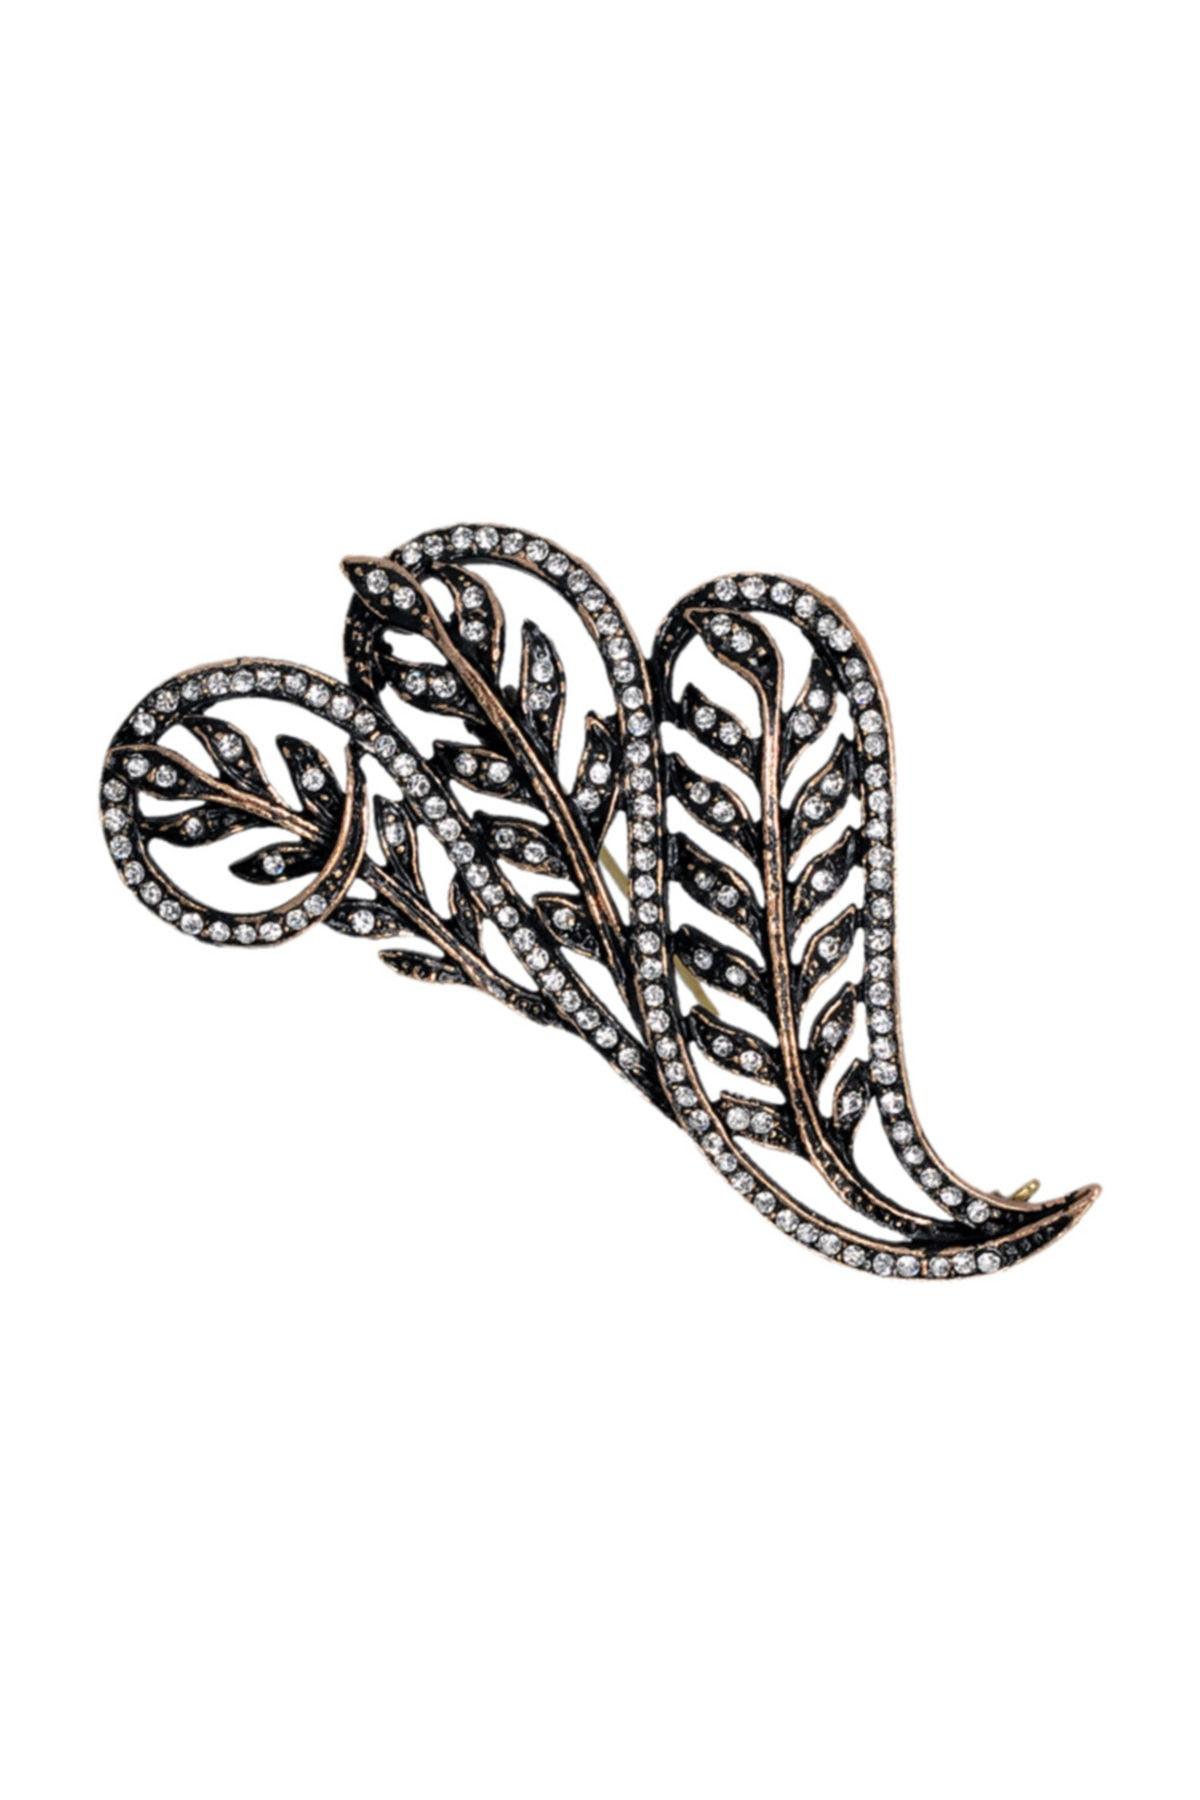 Aşina Gümüş Kadın Yaprak Swarovski Taşlı Elmas Montür Yaka İğnesi Broş 1